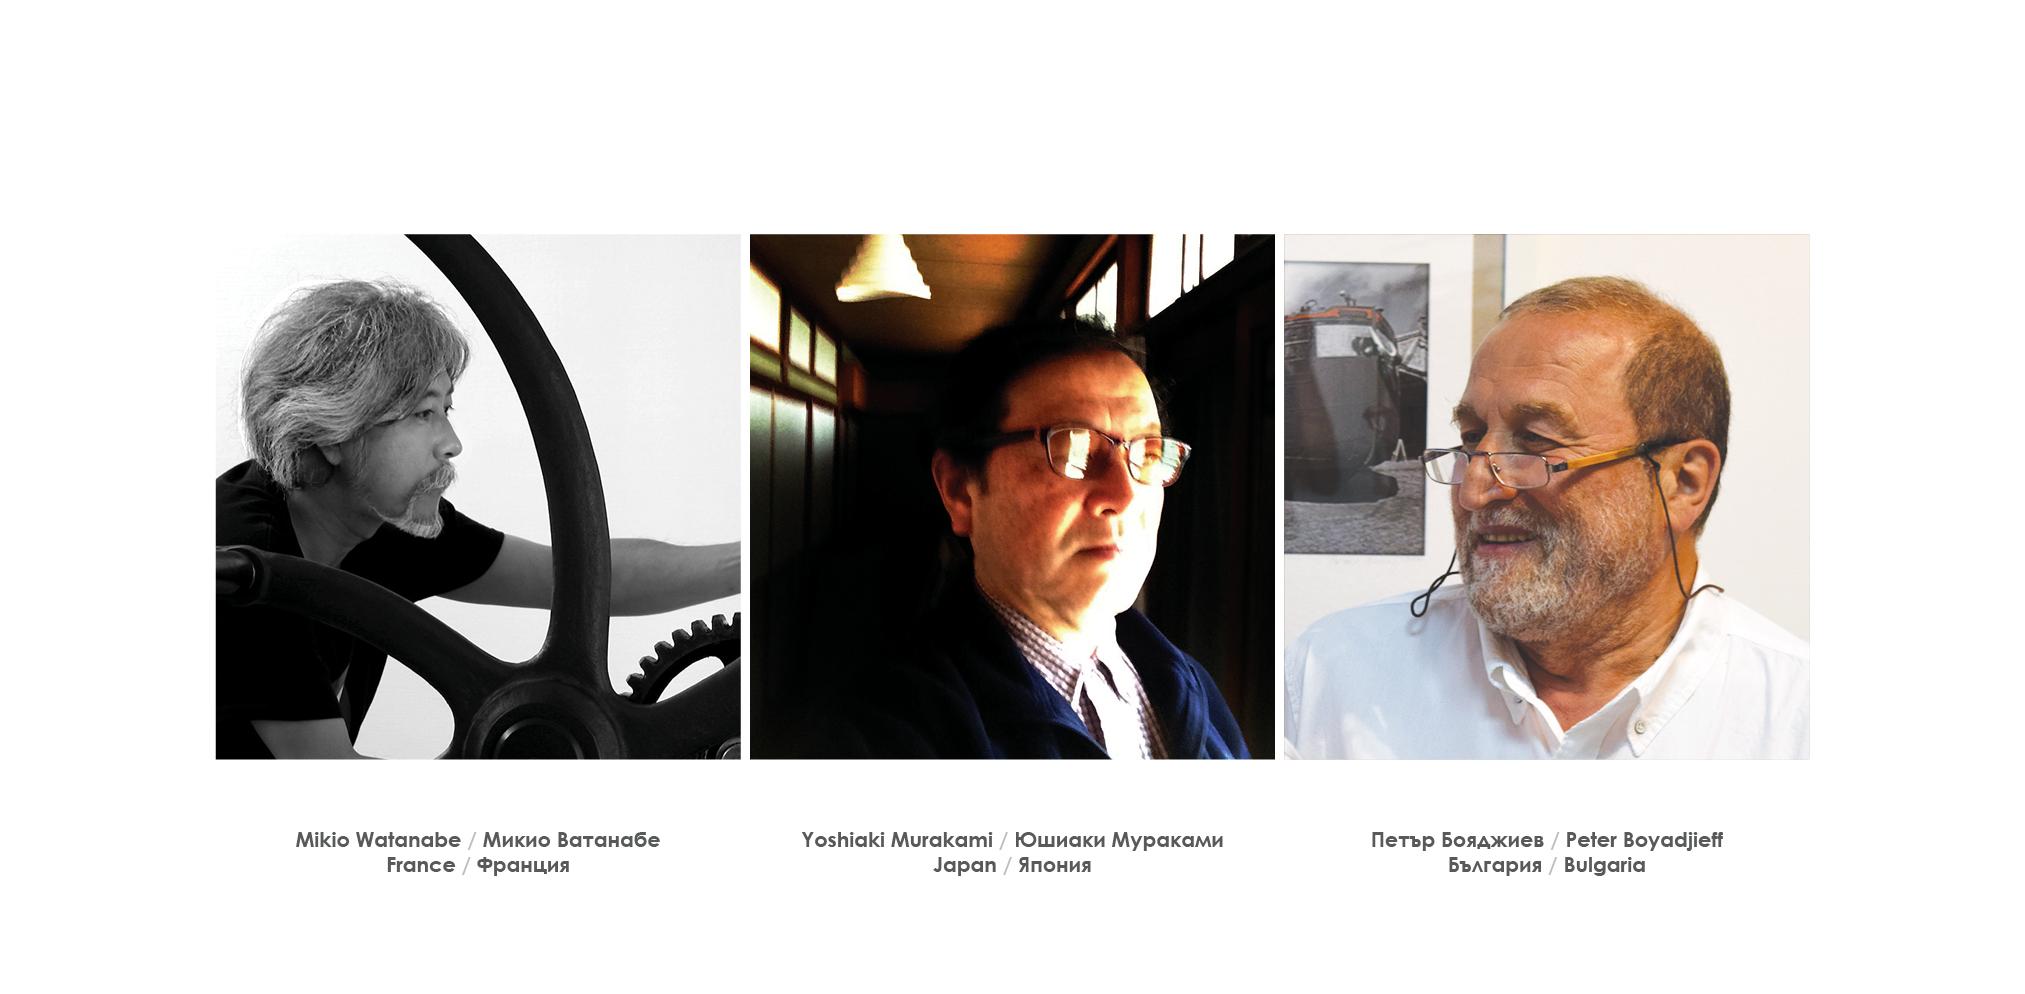 jury2019 website.jpg